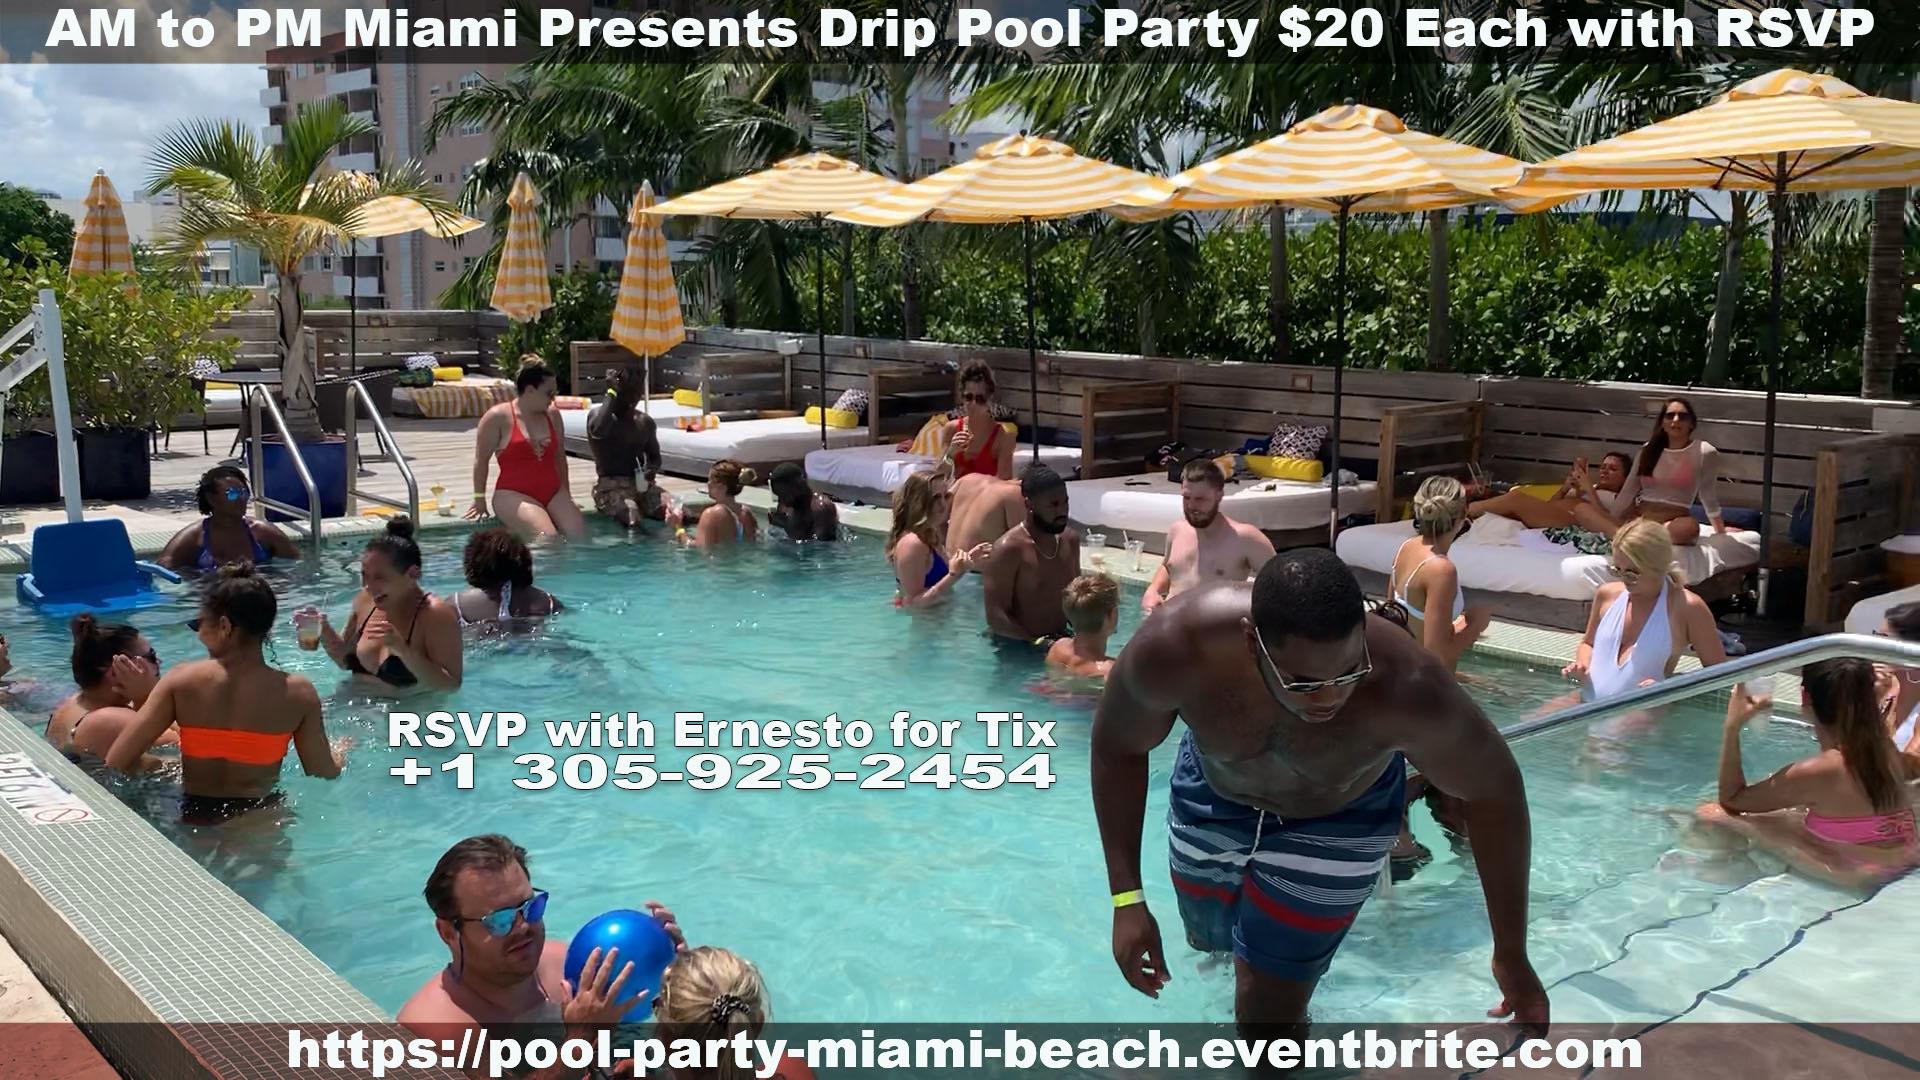 DRIP Pool Party Miami Beach